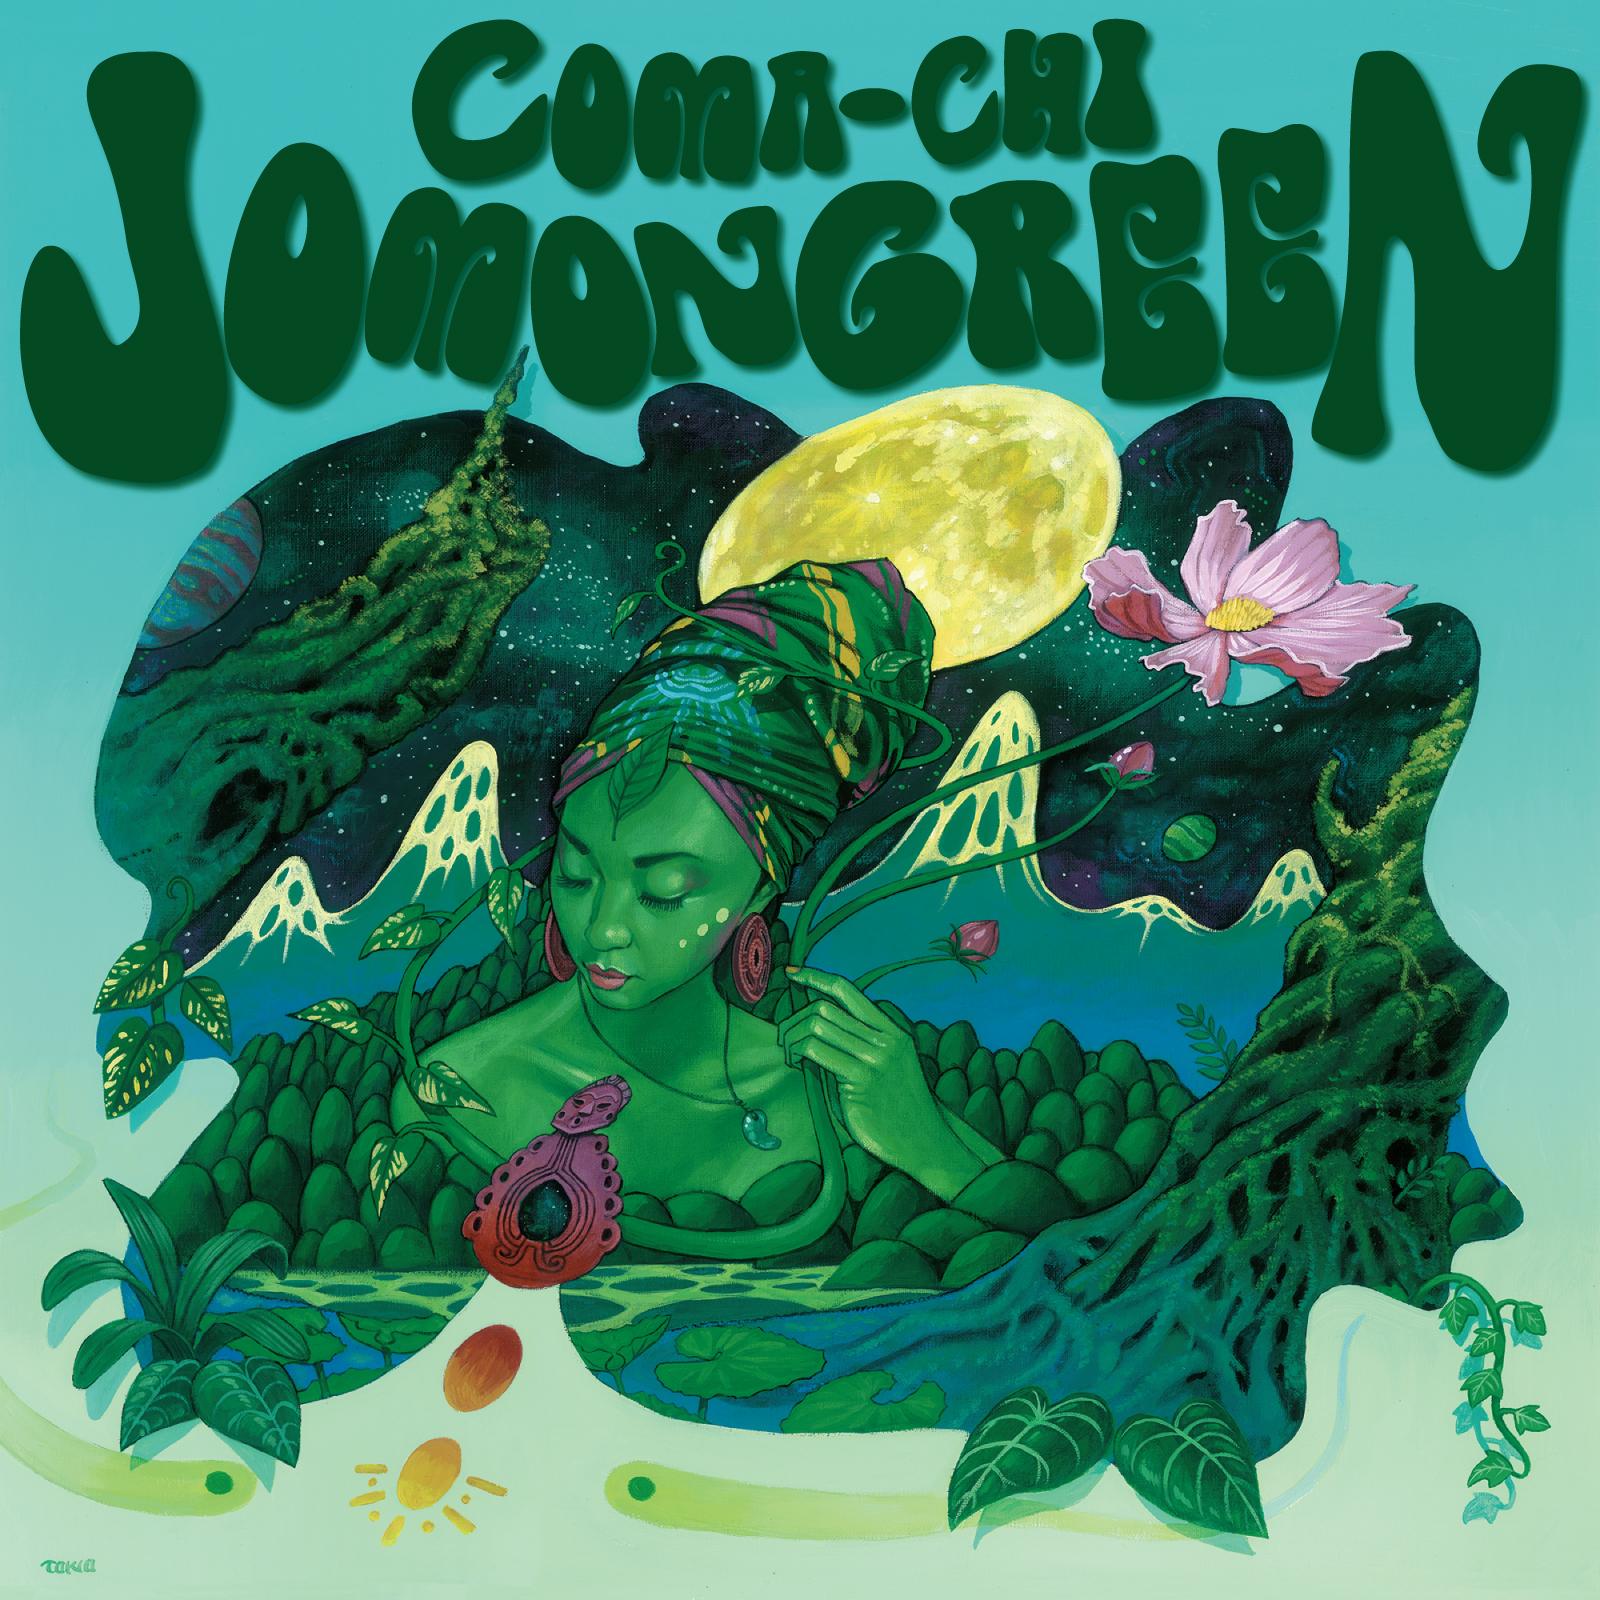 COMA-CHI、ニューアルバムでケンドリック・ラマーやスヌープドッグ等のプロデュースも手がけるJosef Leimbergとコラボの経緯を明かすサムネイル画像